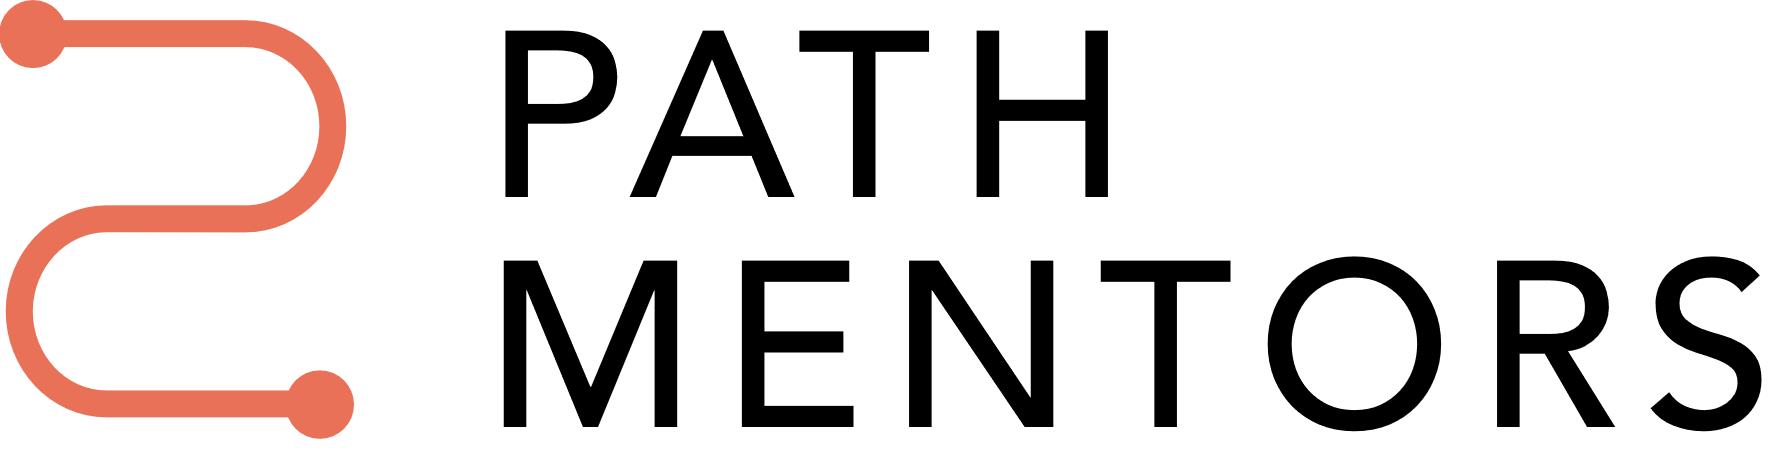 Path Mentors_logo